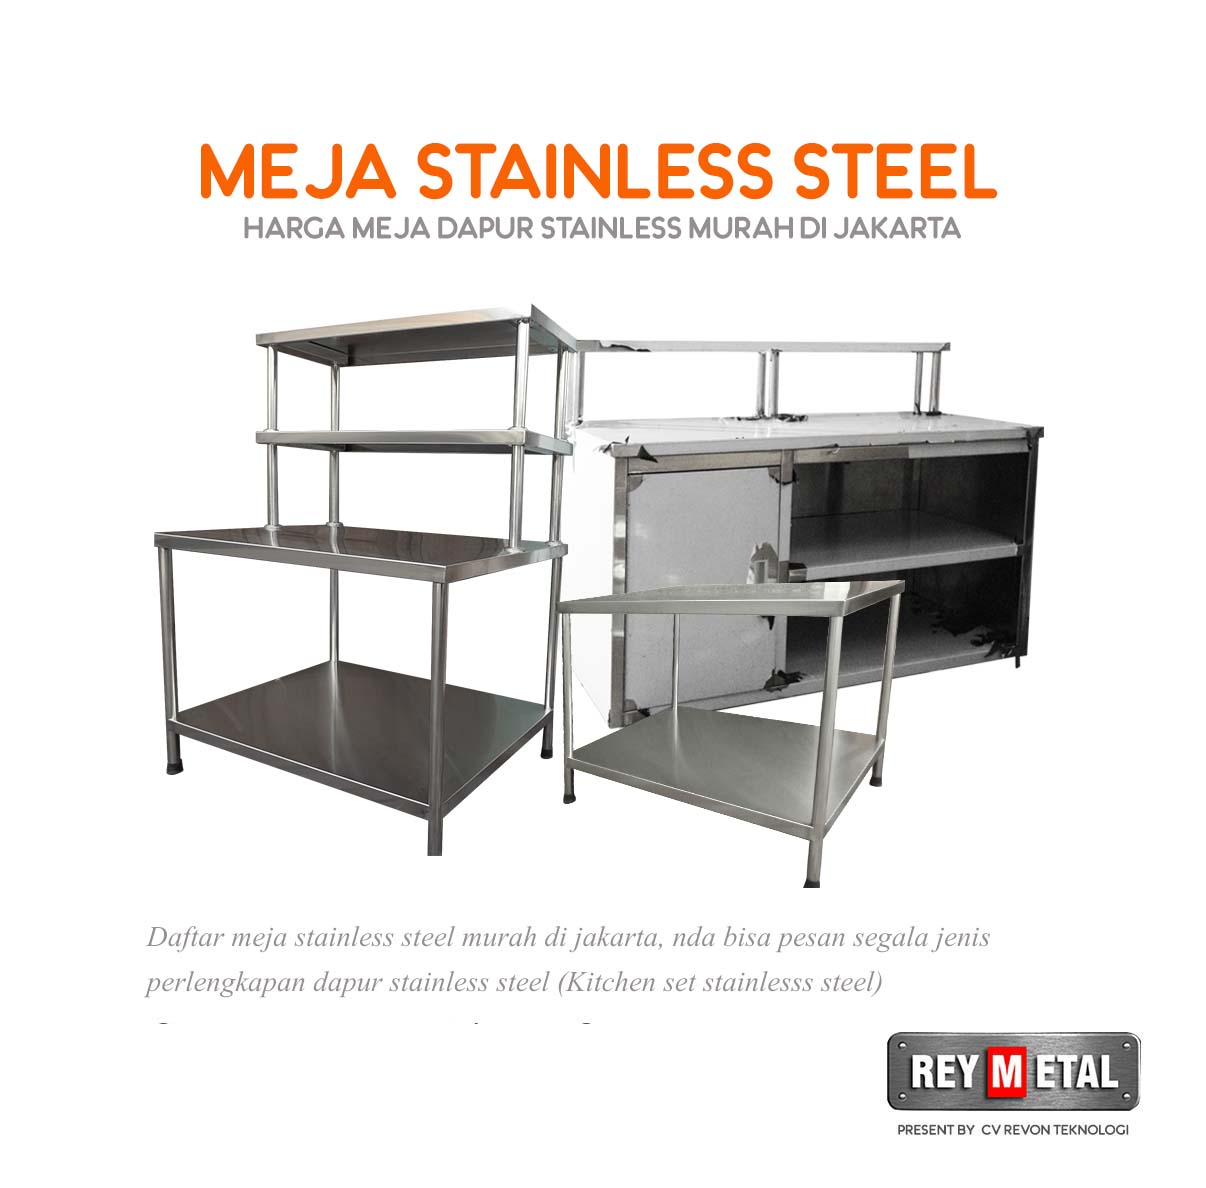 Harga Meja Stainless Steel Murah Bergaransi